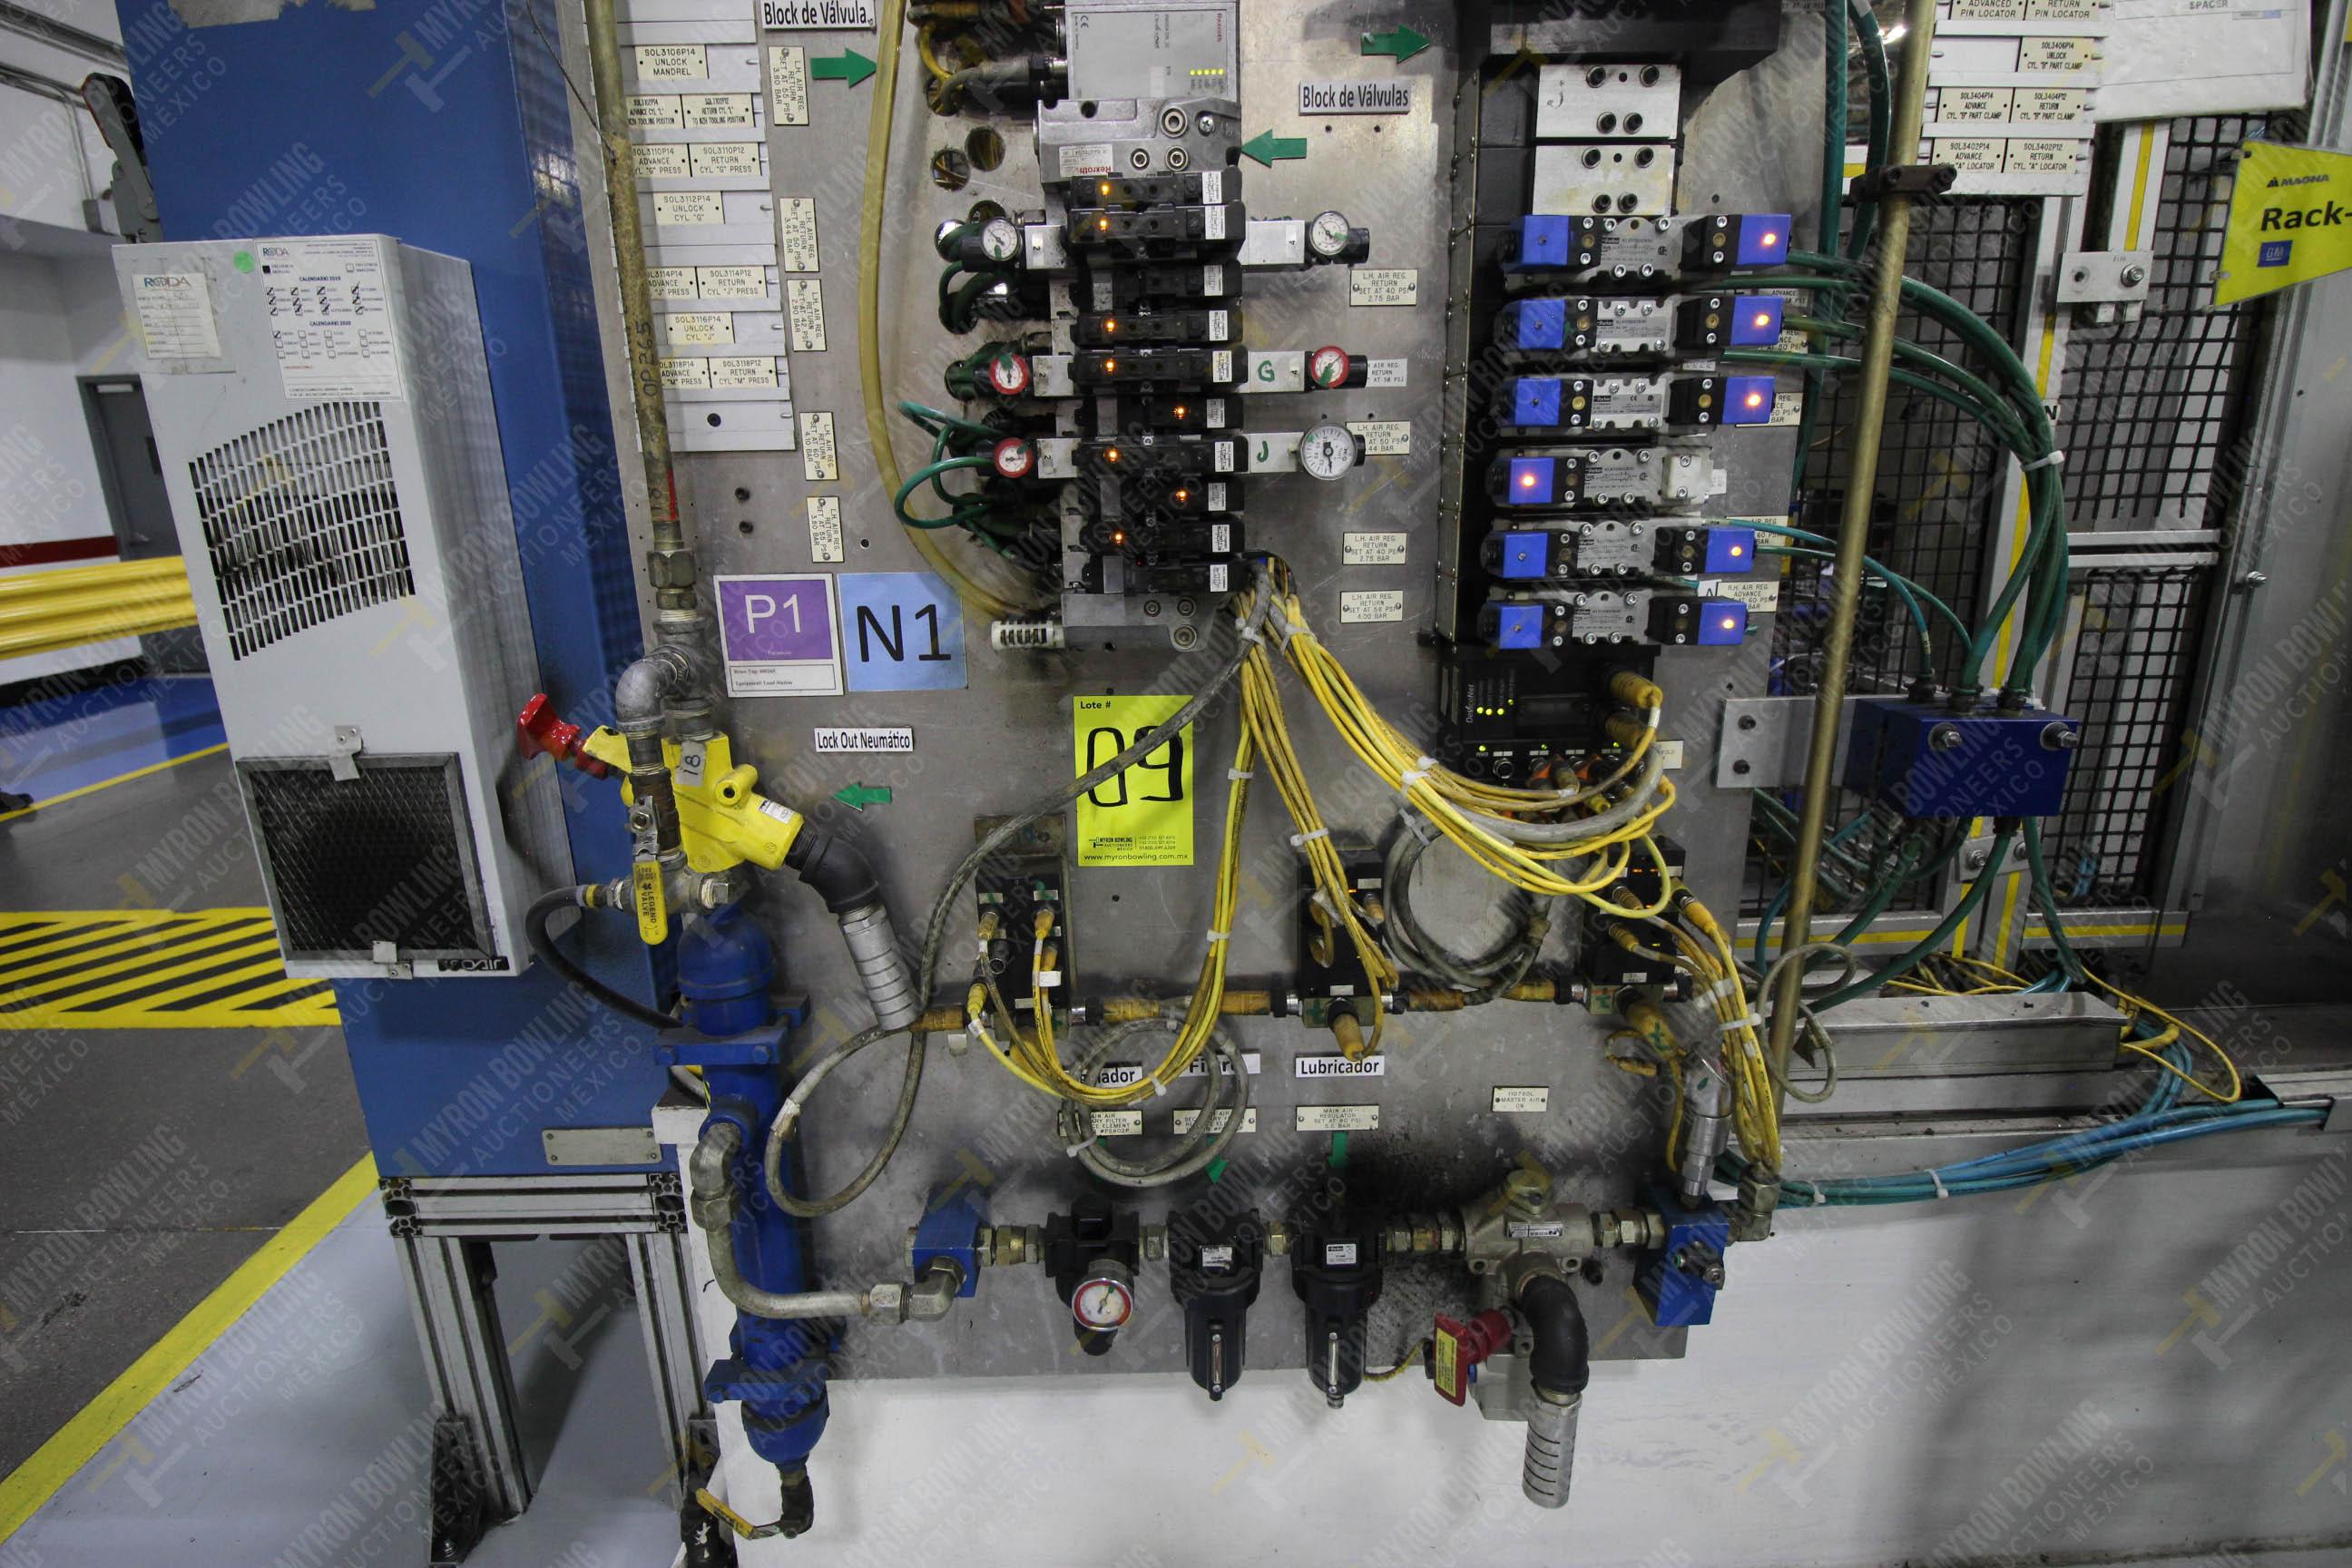 Estación semiautomática para operación 265A y 265B de ensamble de resorte, candado y ponchado - Image 14 of 30